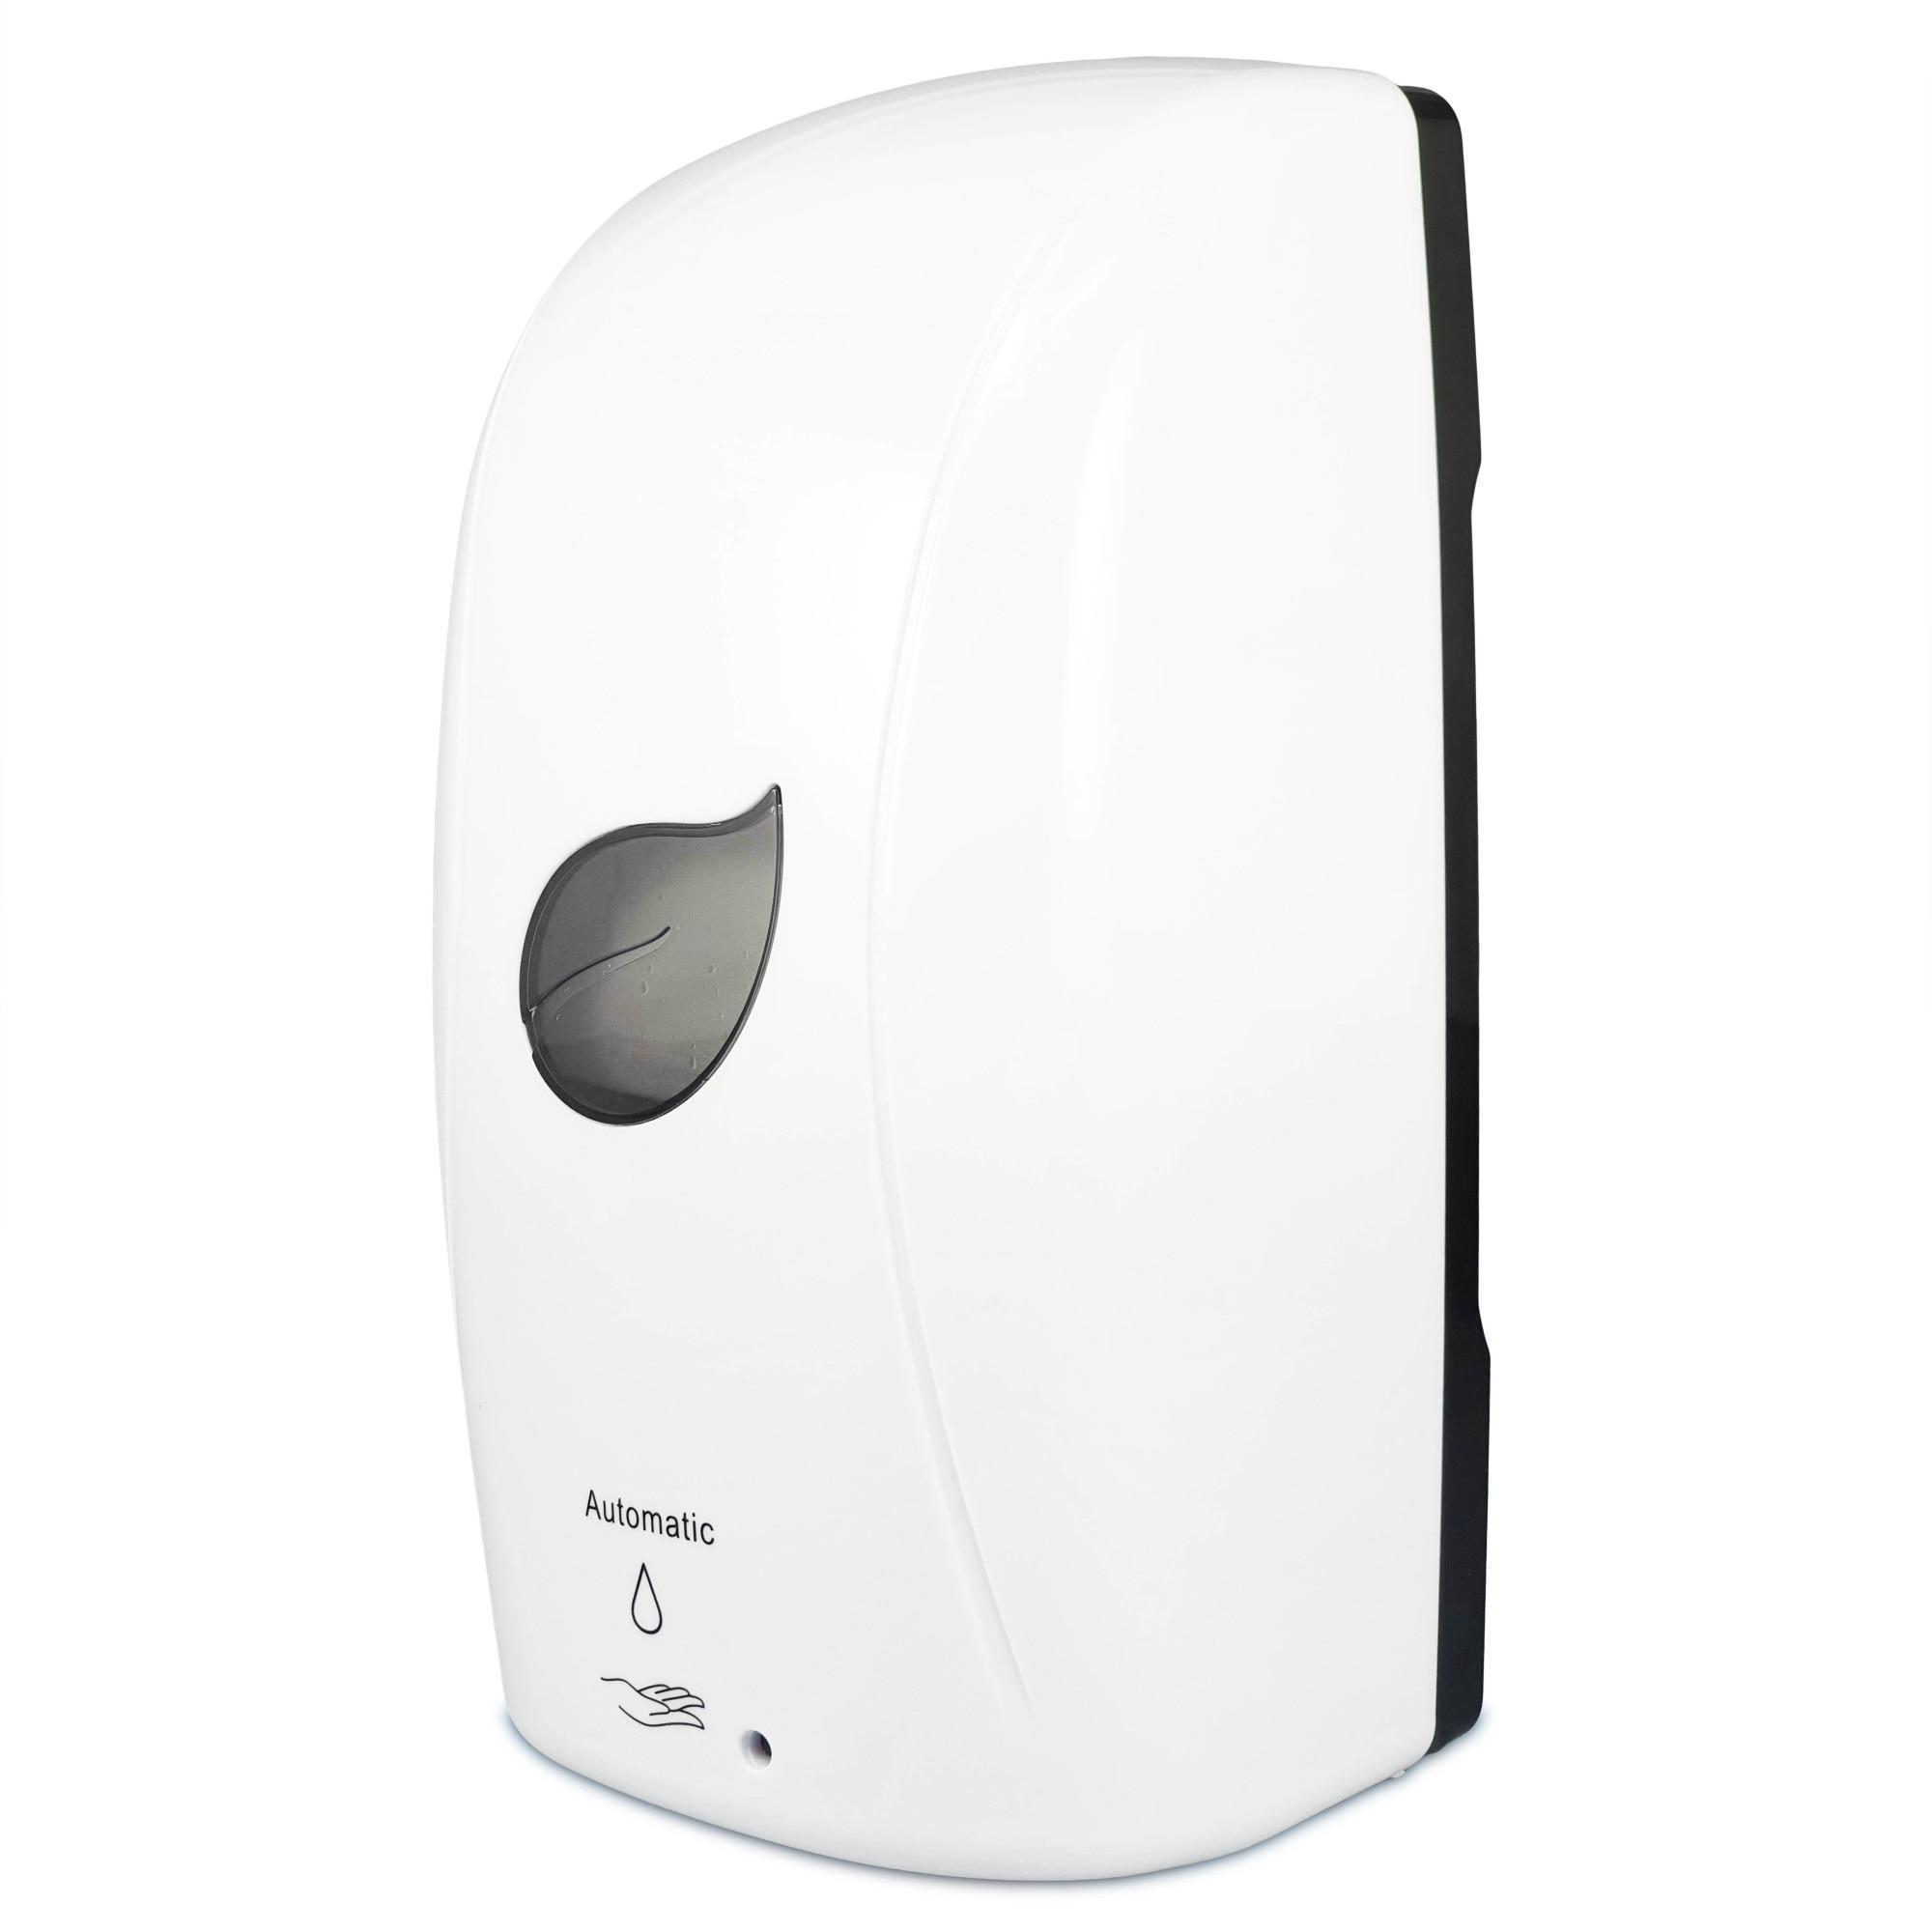 Dozator automat cu recipient reincarcabil de 1000 ml pentru dezinfectant sau sapun lichid, dispenser